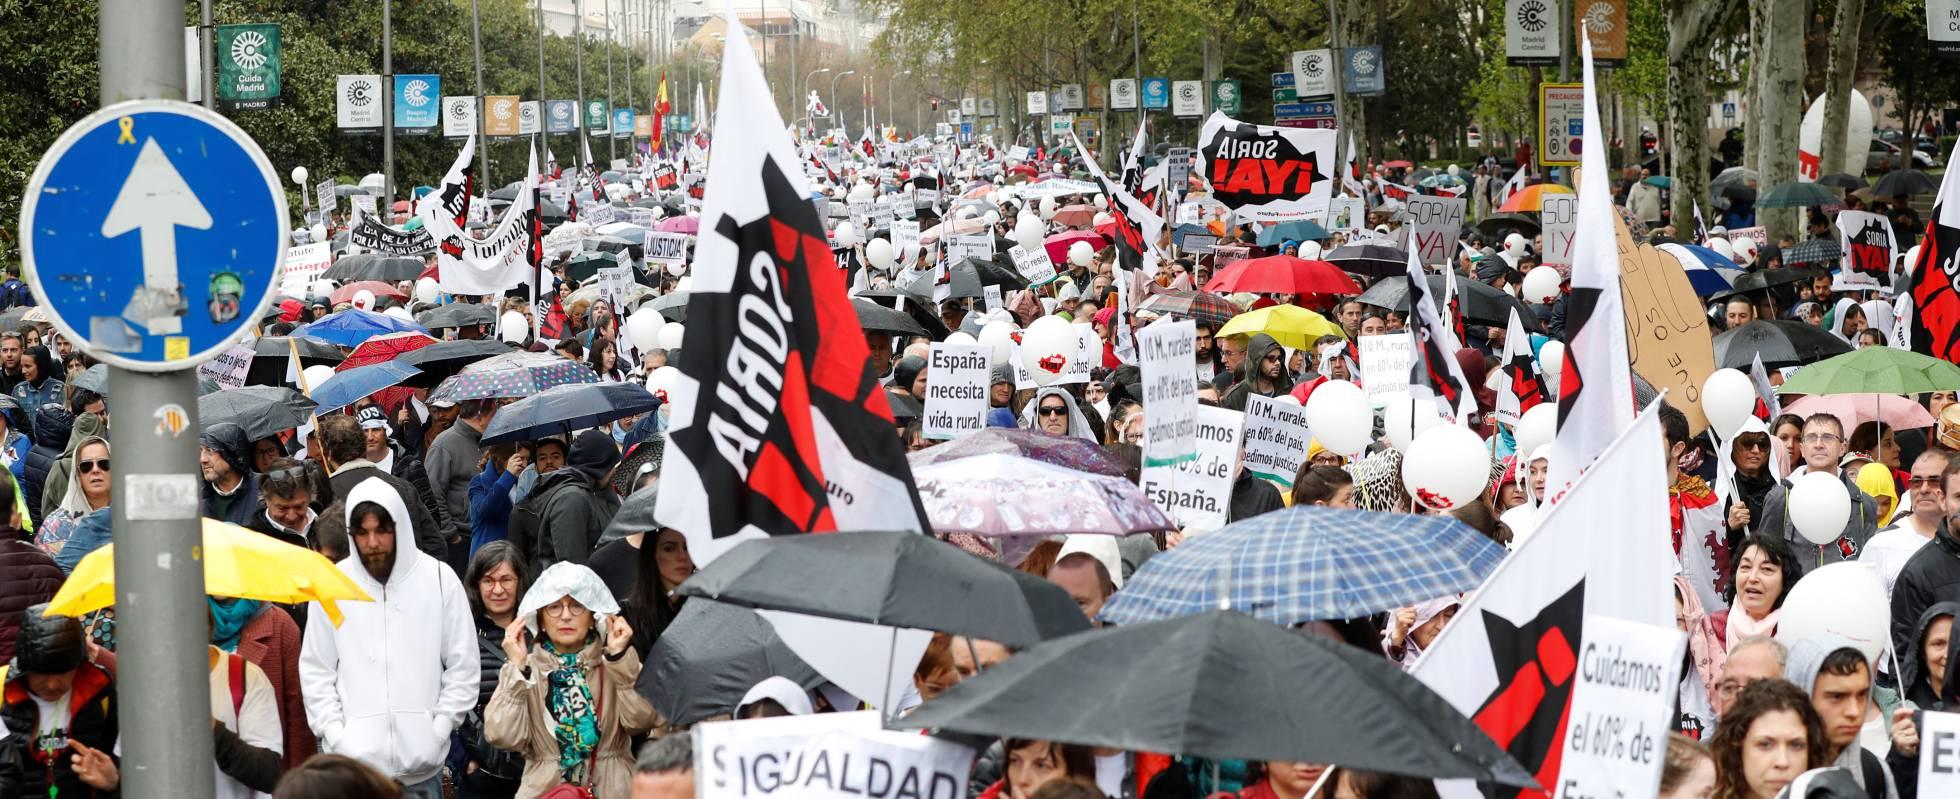 Меньше налогов, больше интернета – основные меры испанских партий по борьбе с депопуляцией сельской местности